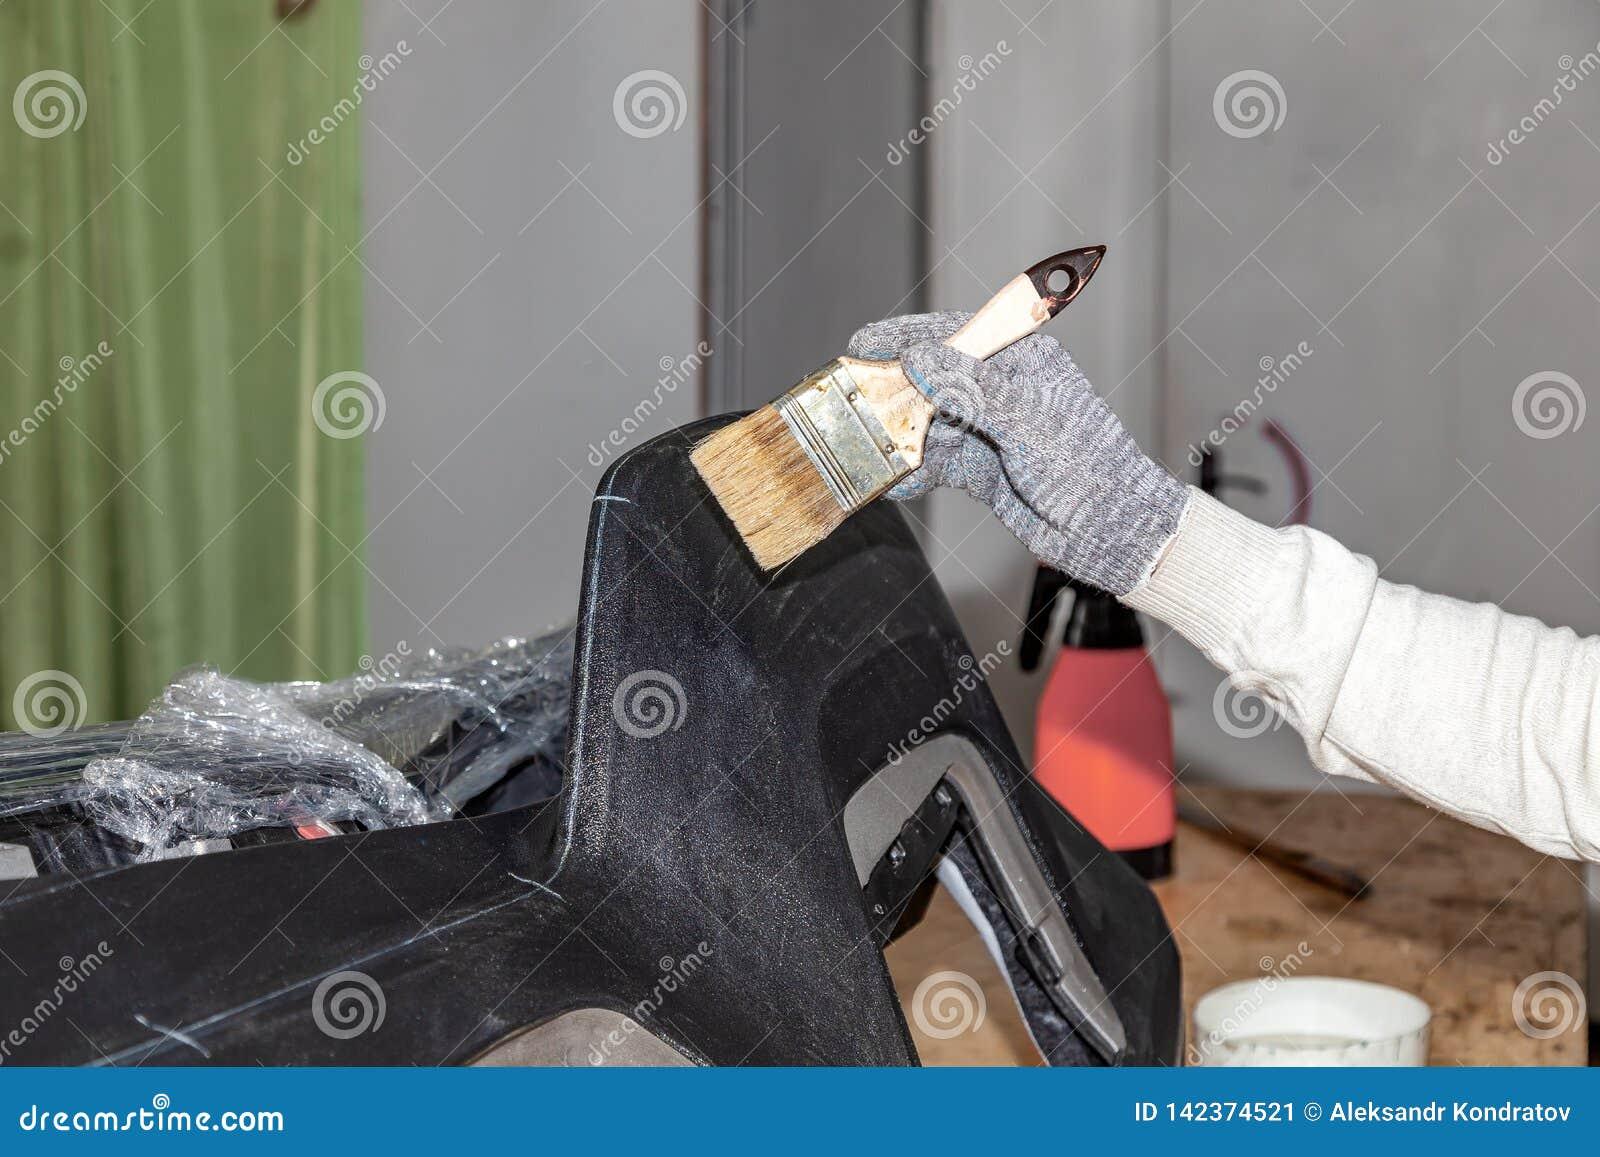 Мастер талии автомобиля прикладывая клей с щеткой на верхней пластиковой панели для вставки кожи в мастерской дизайна